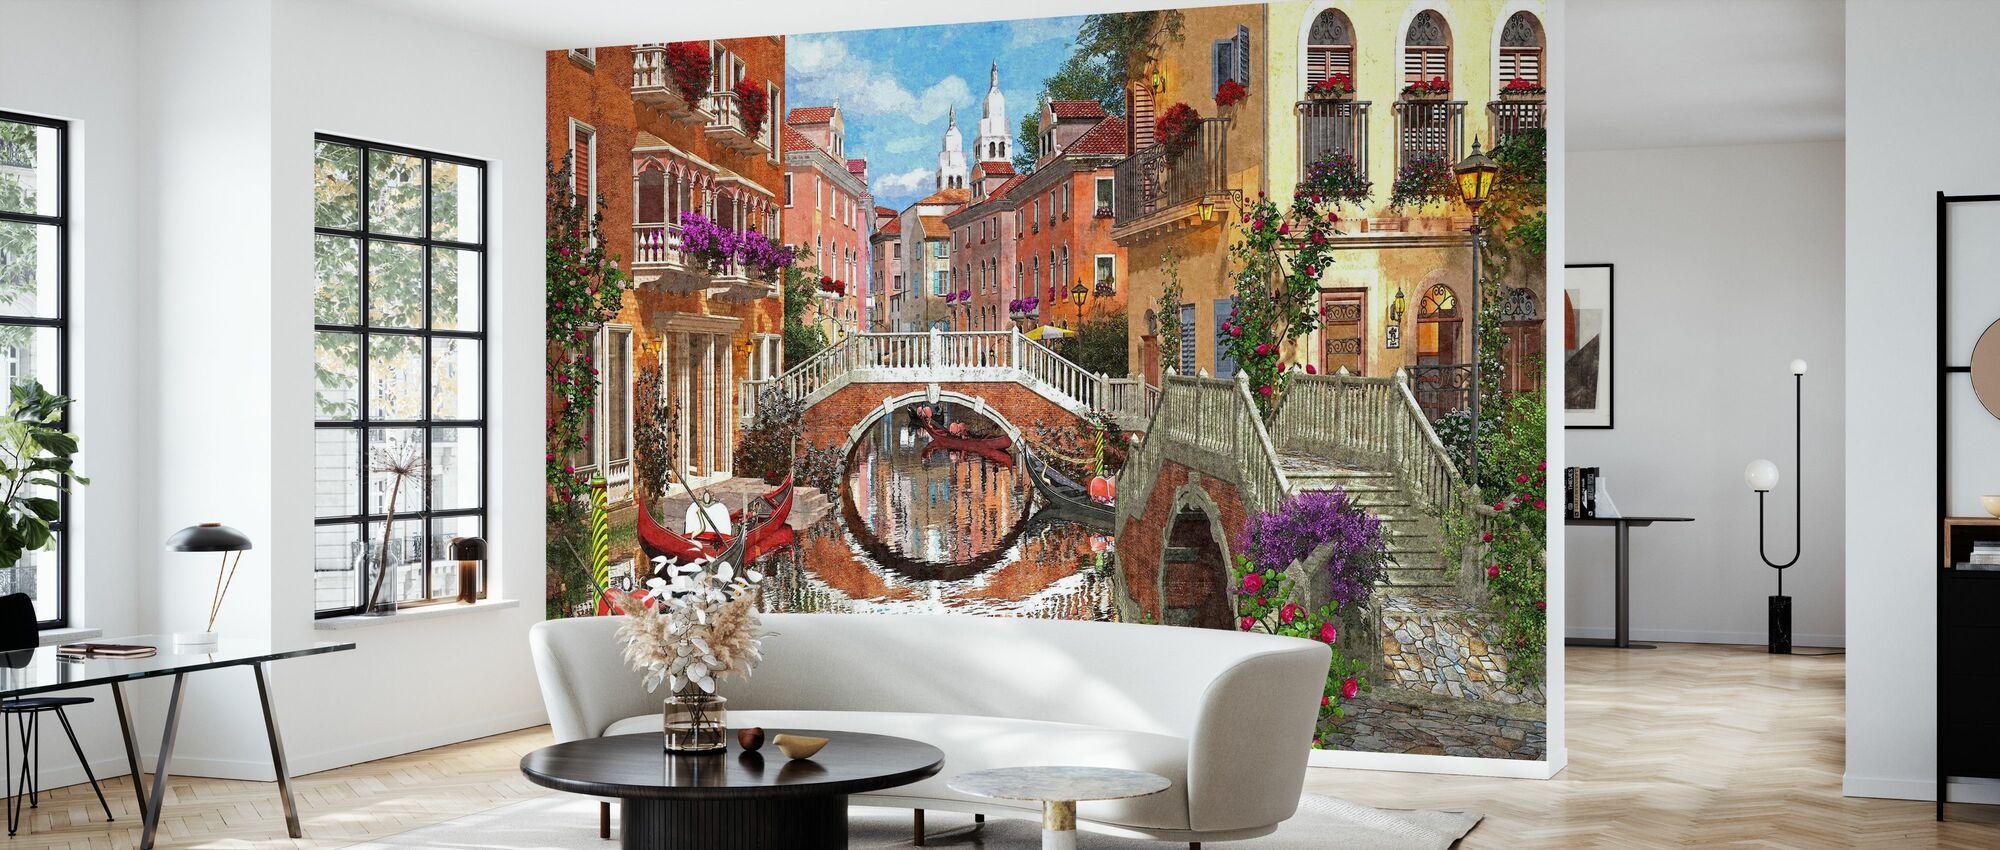 Venetian Waterway - Wallpaper - Living Room